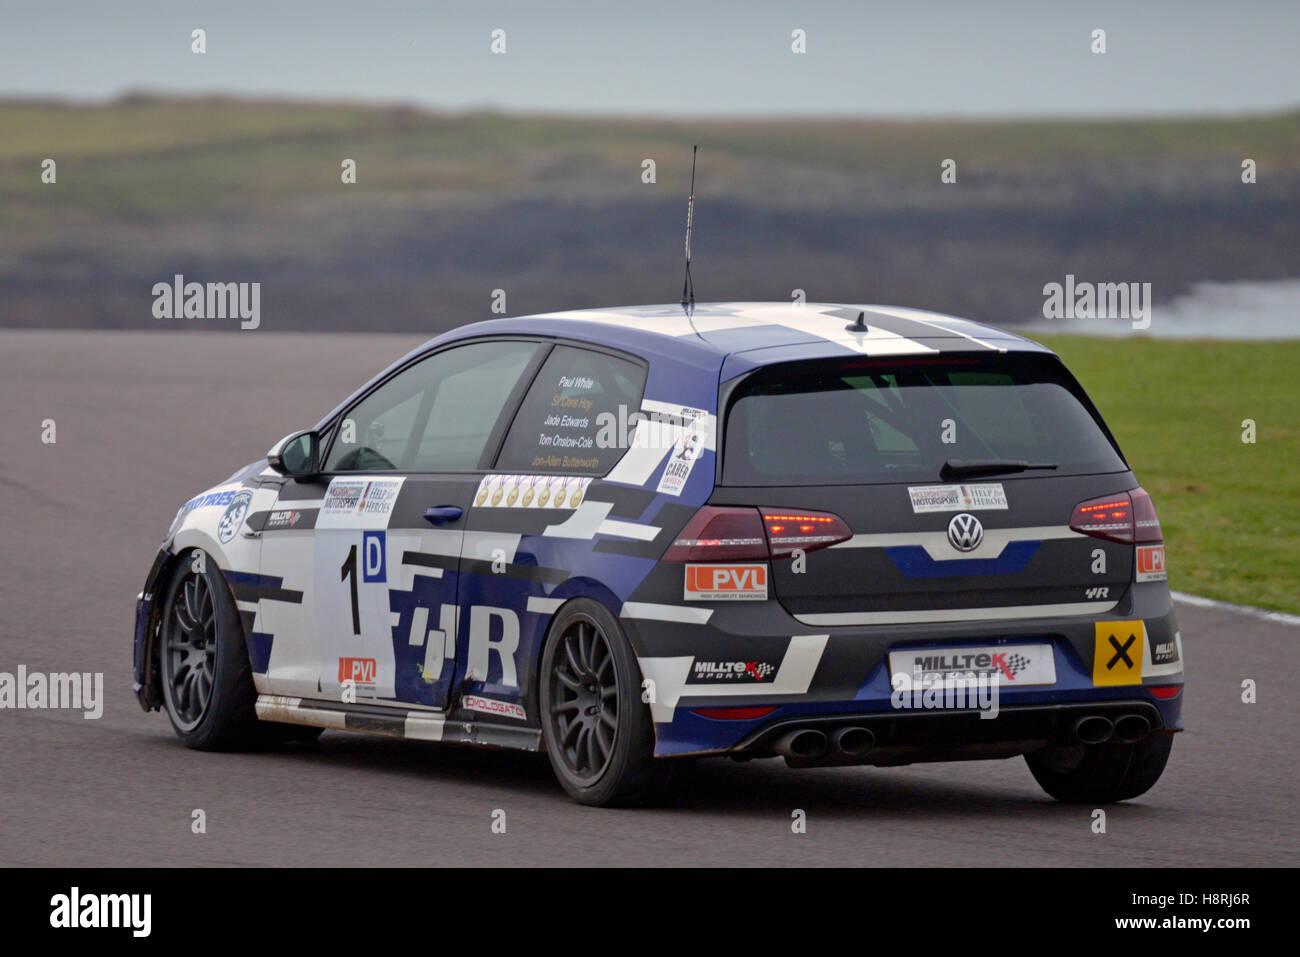 Misión Motor Sport Ty Croes Anglesey, circuito de carreras ,el norte de Gales, Reino Unido.VW. Carrera de recuerdo. Imagen De Stock